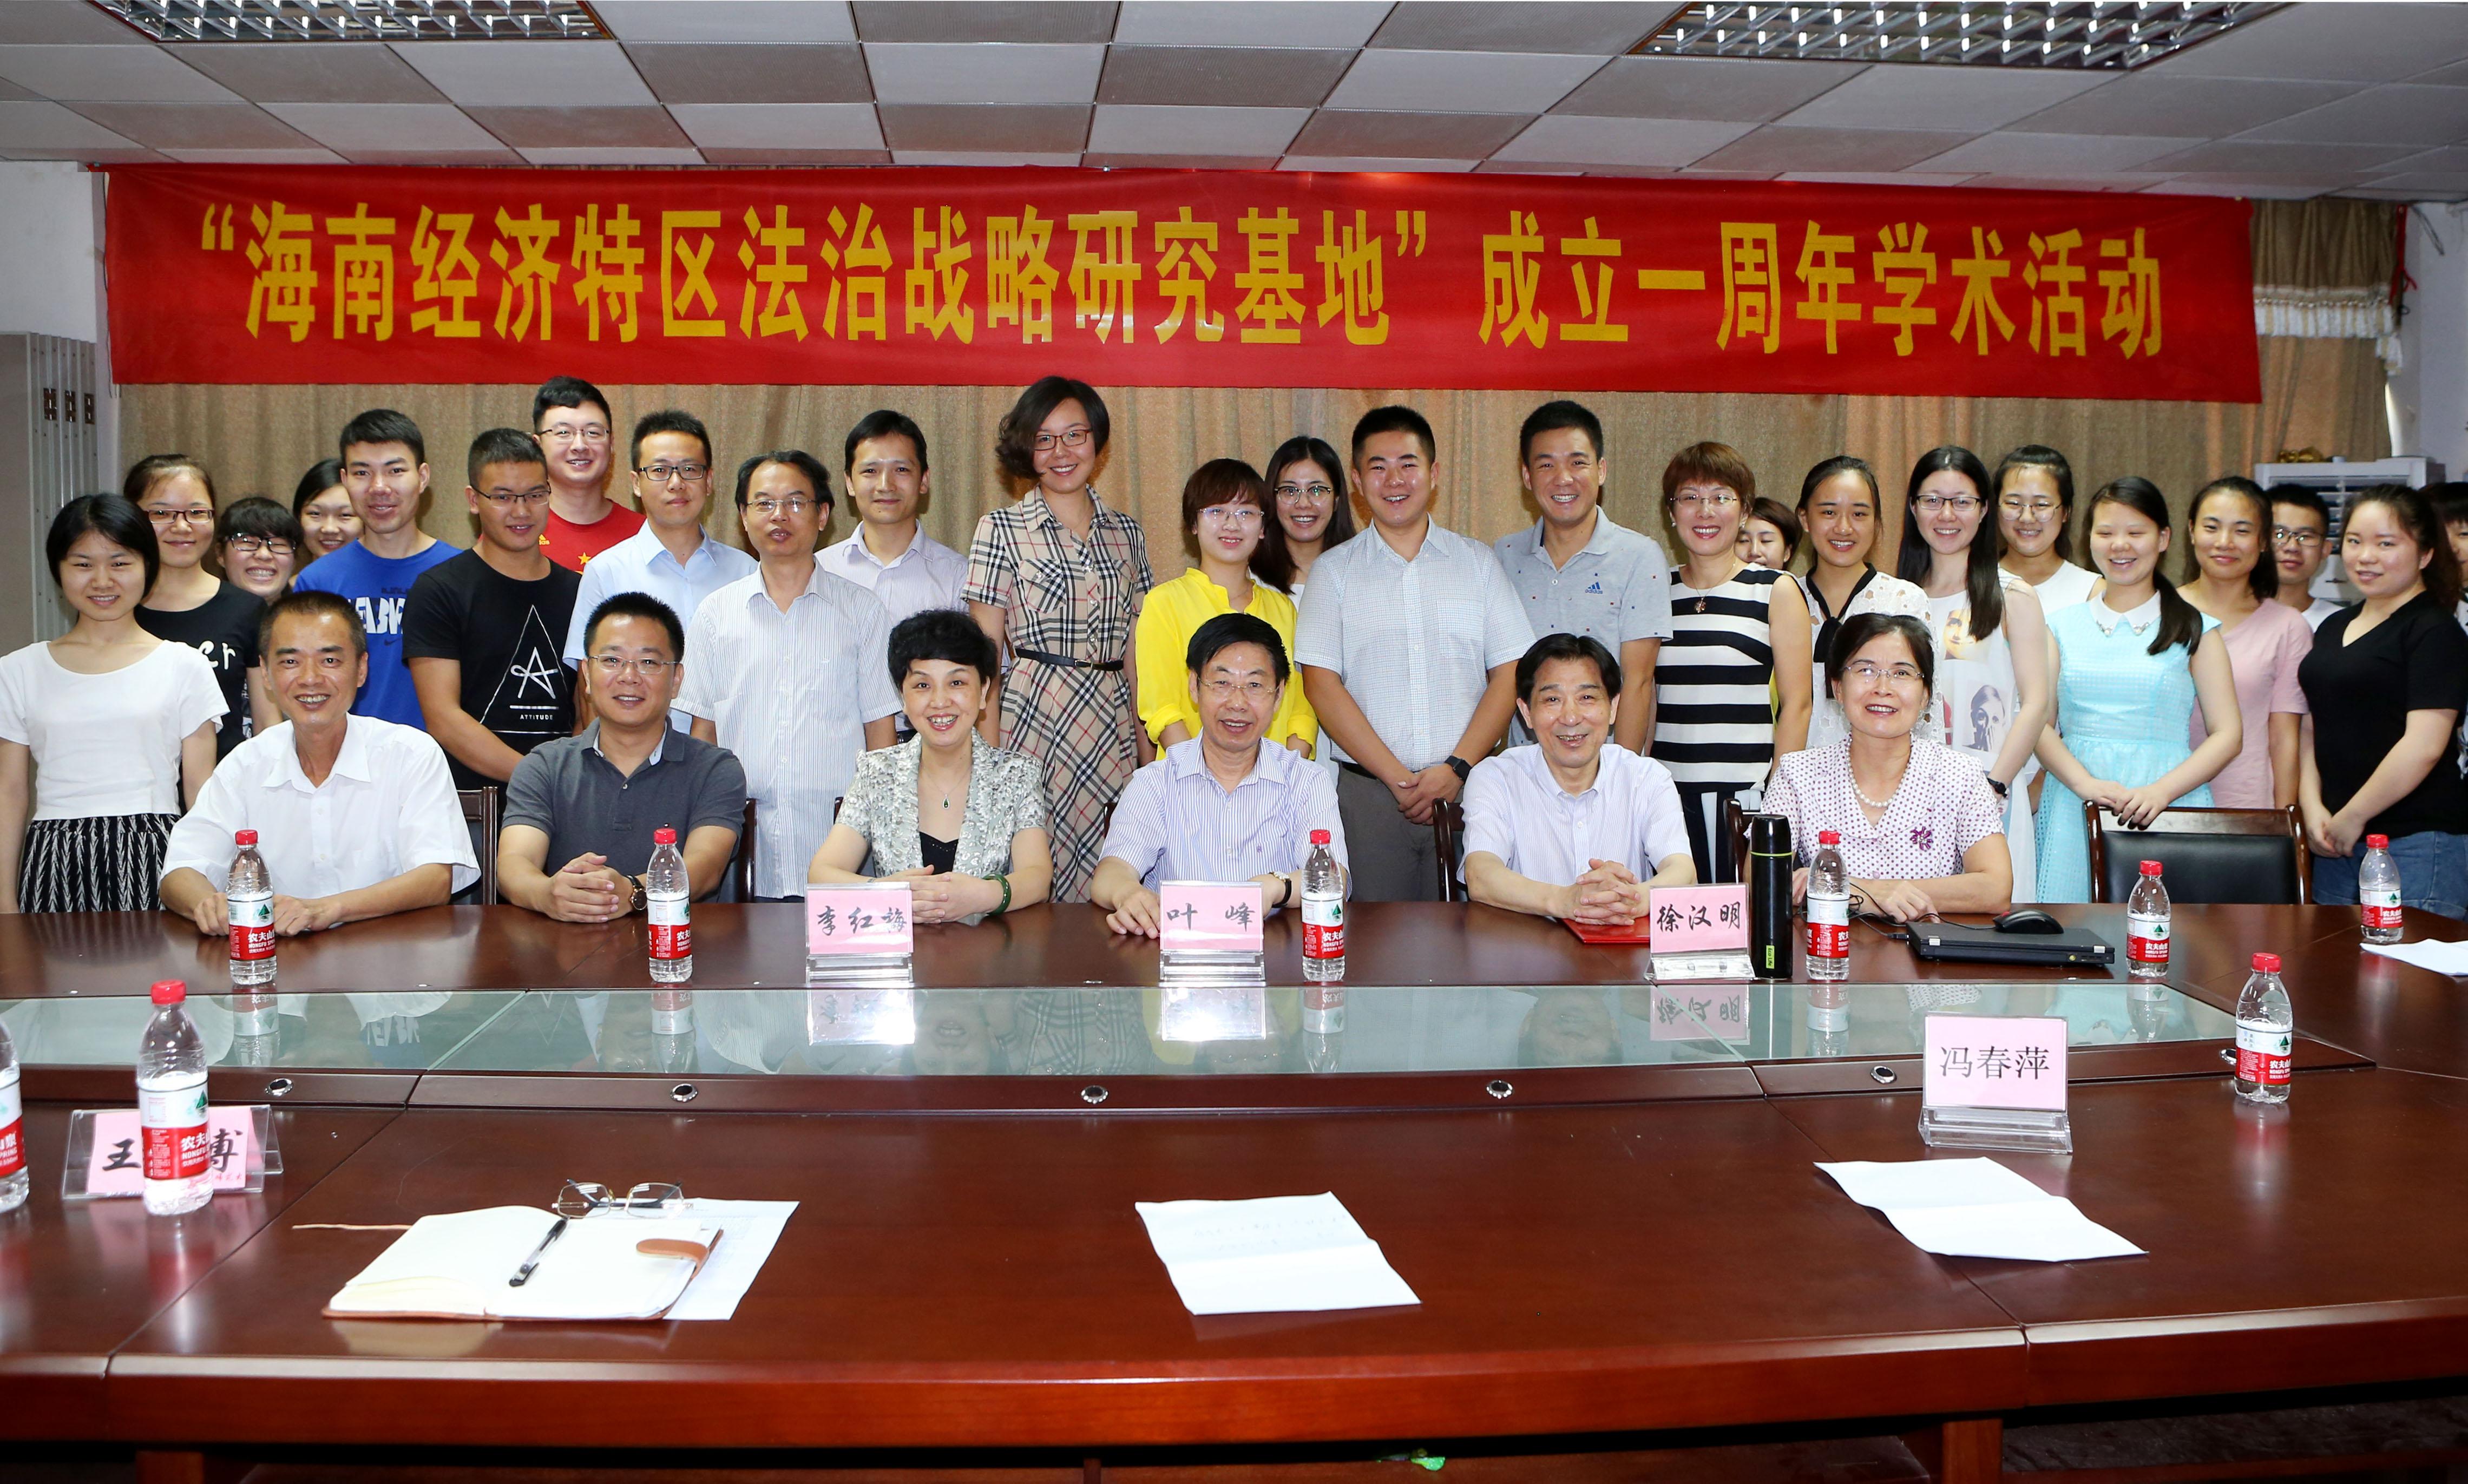 叶峰、徐汉明受聘海南师范大学兼职教授